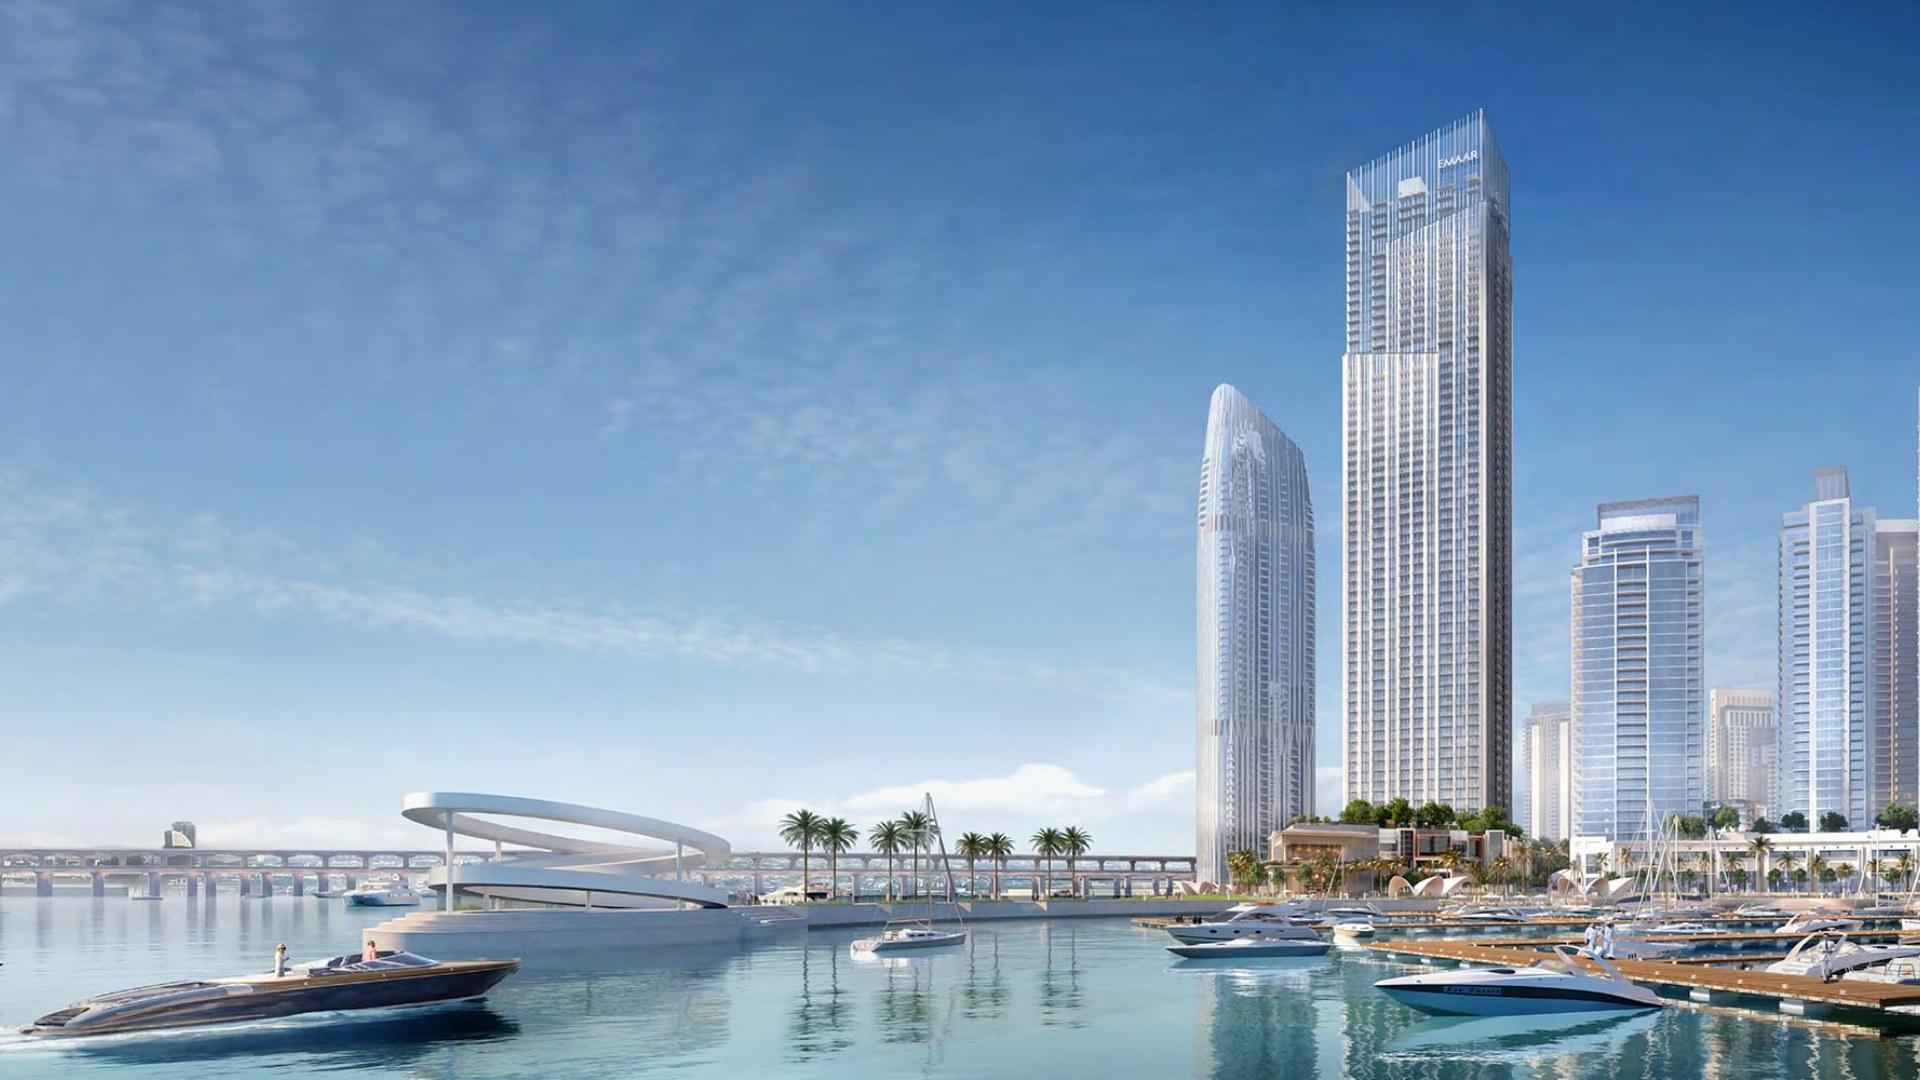 Adosado en venta en Dubai, EAU, 4 dormitorios, 312 m2, № 24401 – foto 2